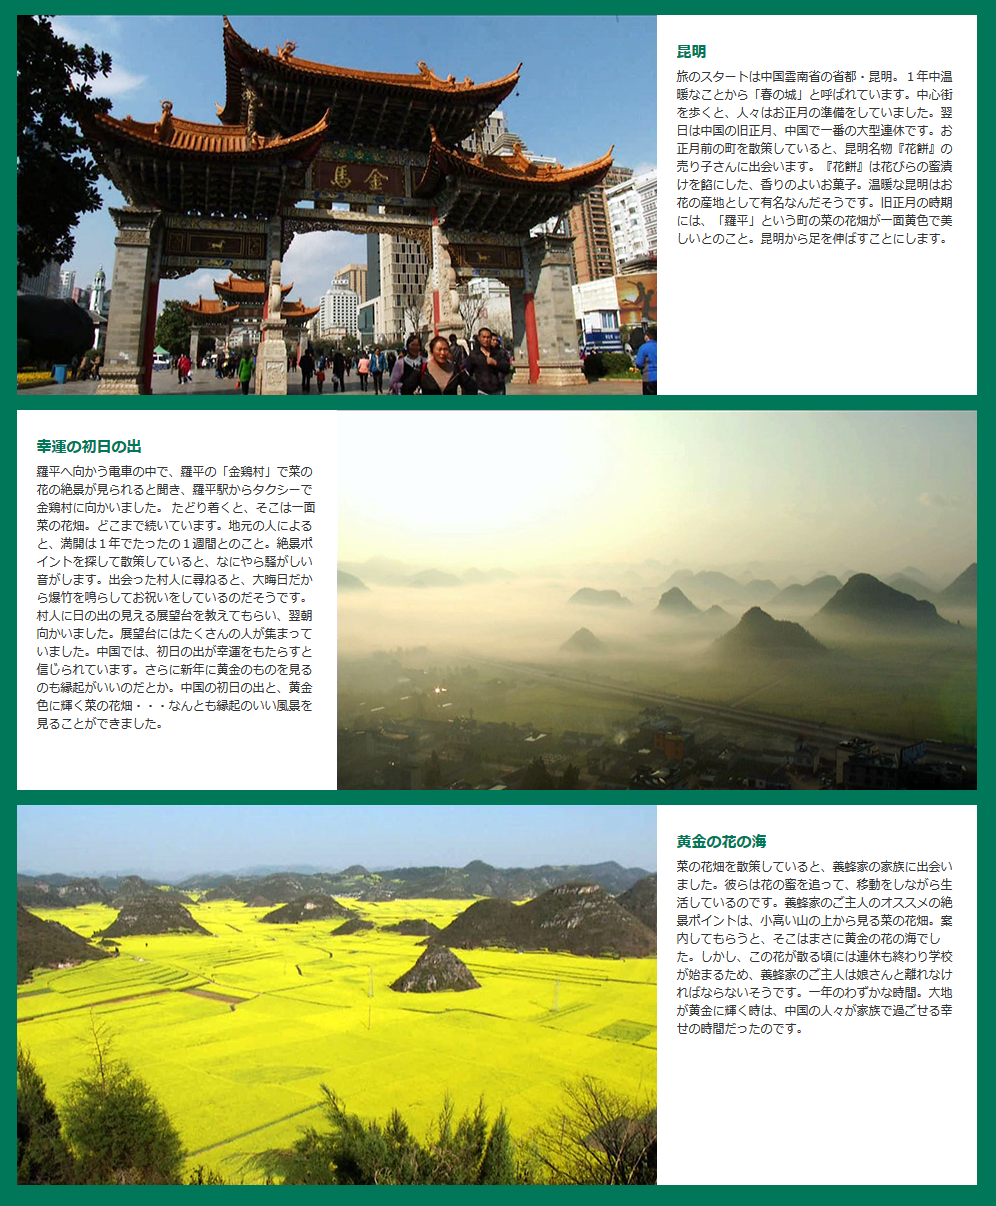 地球絶景紀行 雲南 花輝く大地 中国